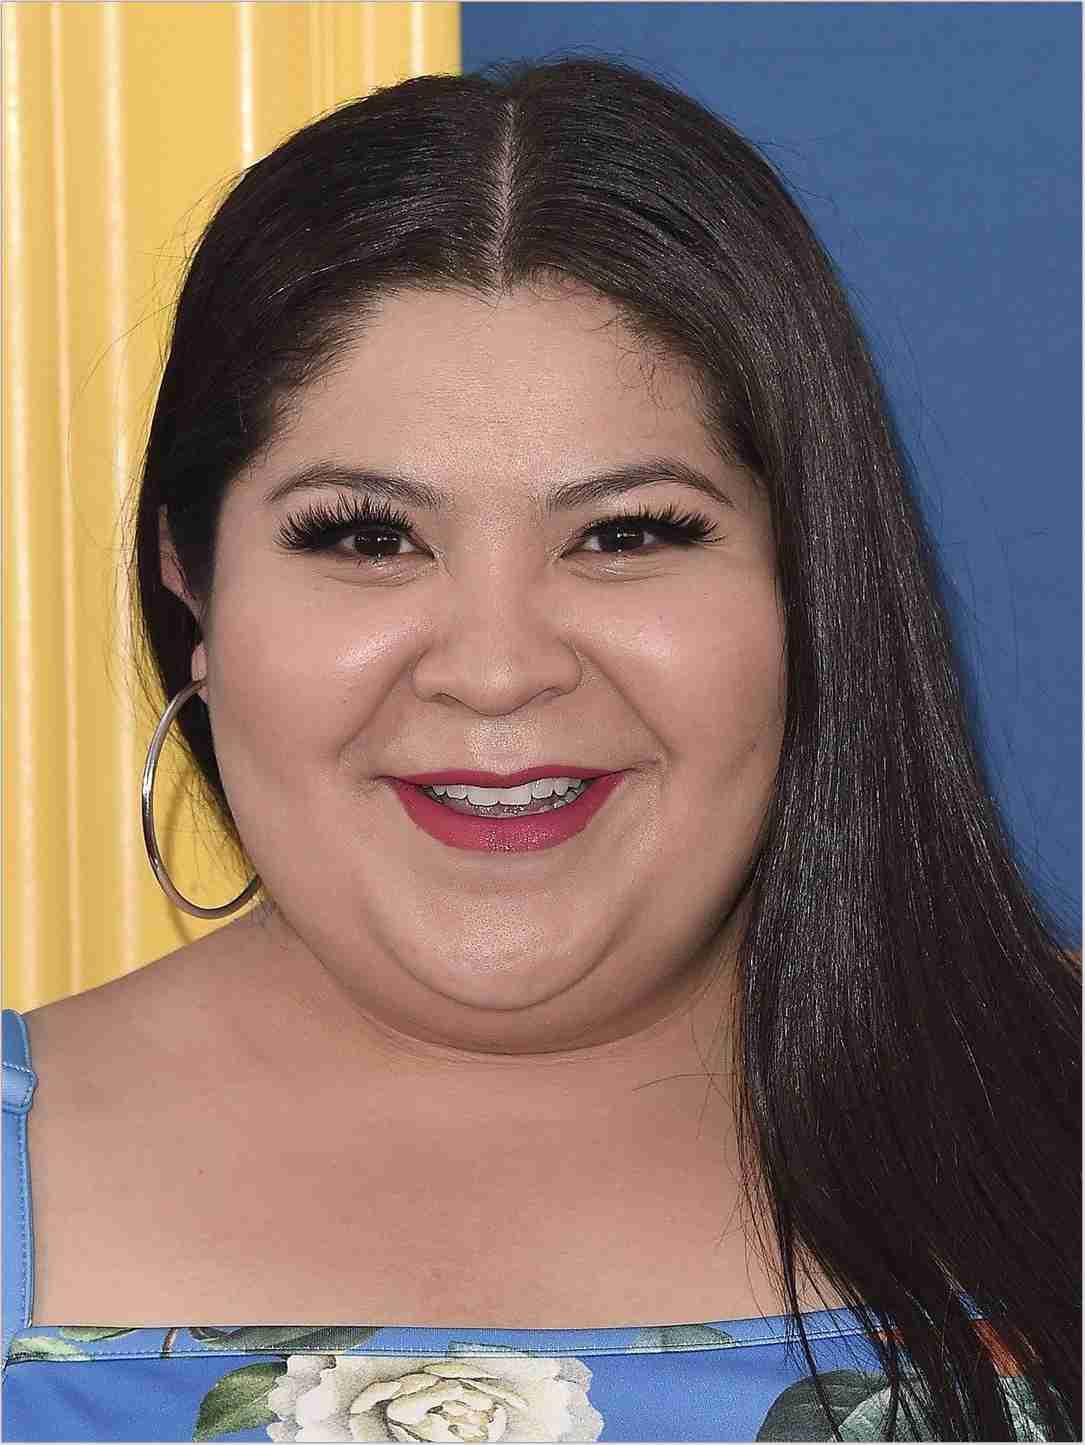 Raini Rodriguez Net Worth, Bio, Height, Family, Age